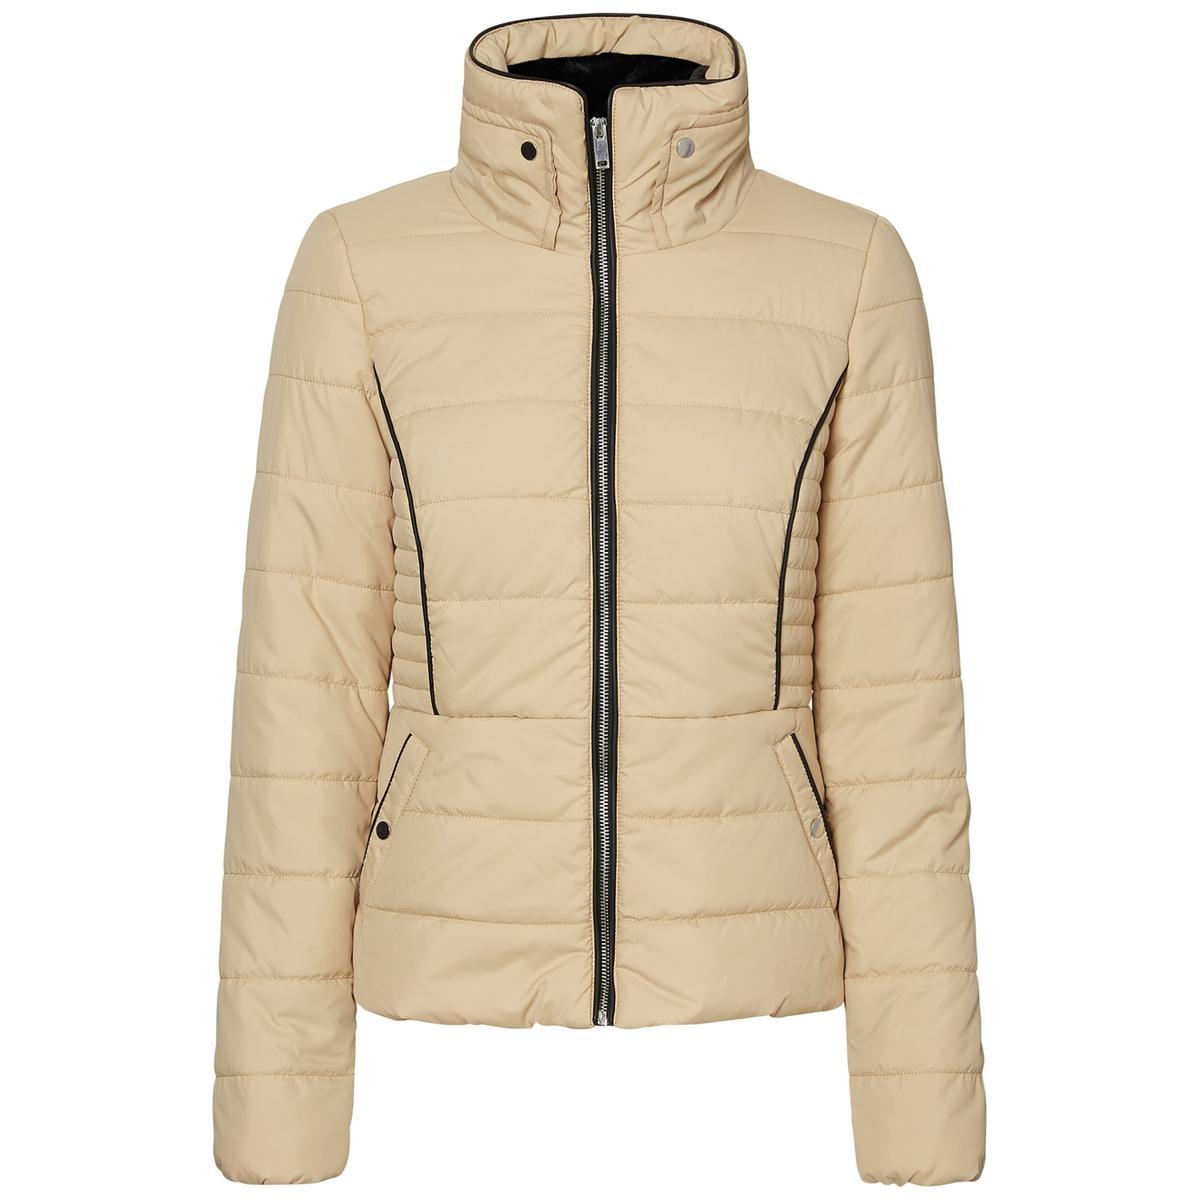 Пальто короткое стеганоеПальто в форме стеганой куртки VERO MODA,прекрасно защитит вас от холода . Стоячий воротник на подкладке из искусственного меха . Теплая подкладка. Карманы на кнопках.Детали •  Длина : укороченная  •  Воротник-стойка •  Застежка на молниюСостав и уход •  100% полиэстер •  Следуйте рекомендациям по уходу, указанным на этикетке изделия<br><br>Цвет: черный<br>Размер: S